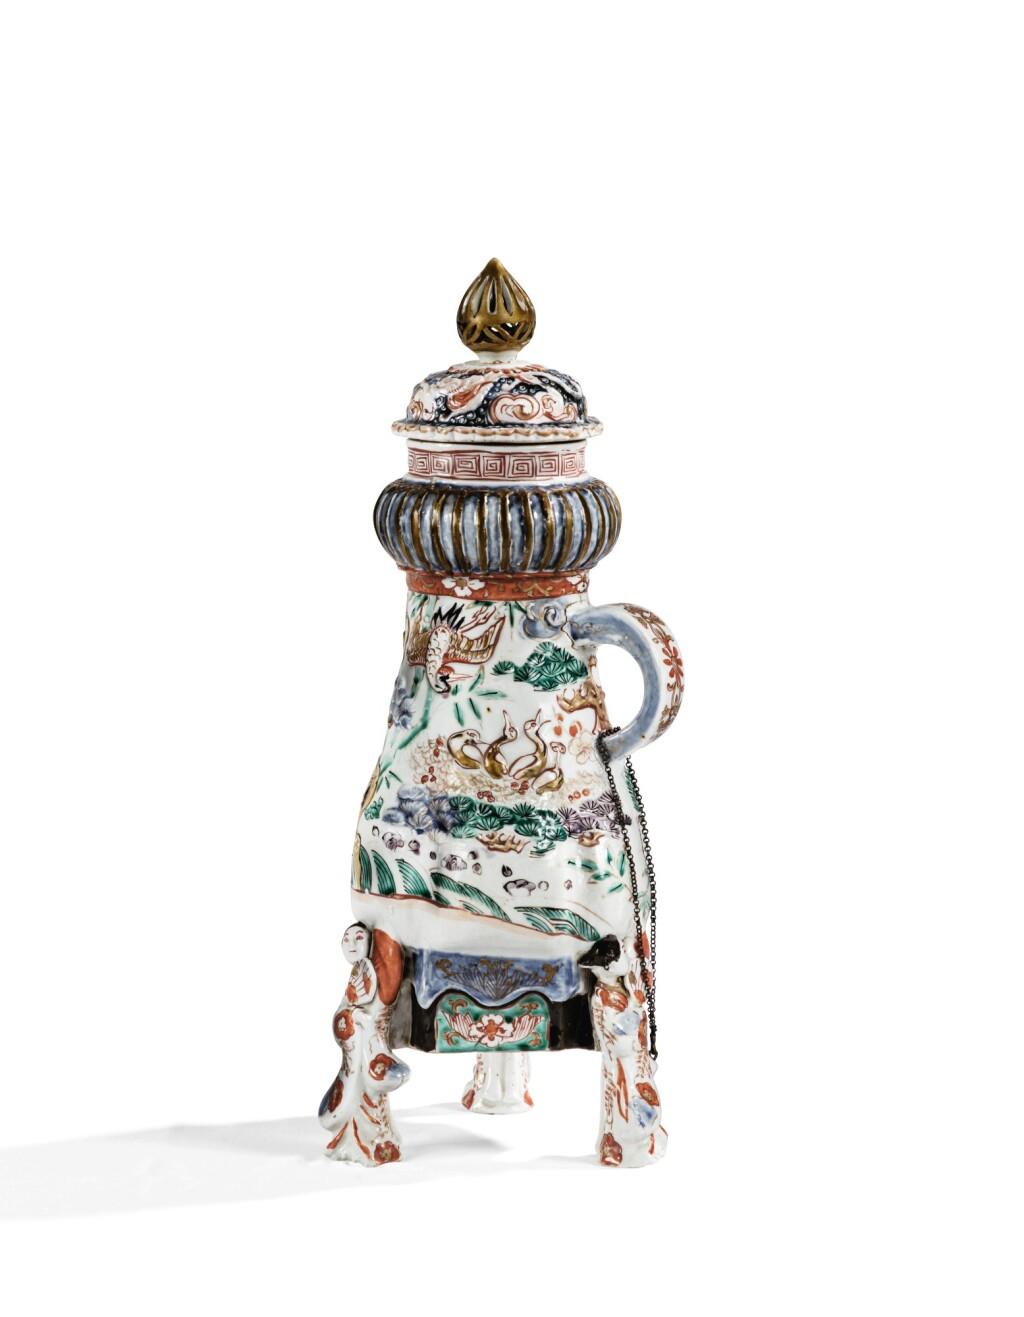 FONTAINE TRIPODE COUVERTE EN PORCELAINE IMARI À DÉCOR MOULÉ JAPON, ÉPOQUE EDO, XVIIE-XVIIIE SIÈCLE | An imari moulded tripod fountain and cover, Japan, Edo period, 17th/18th century